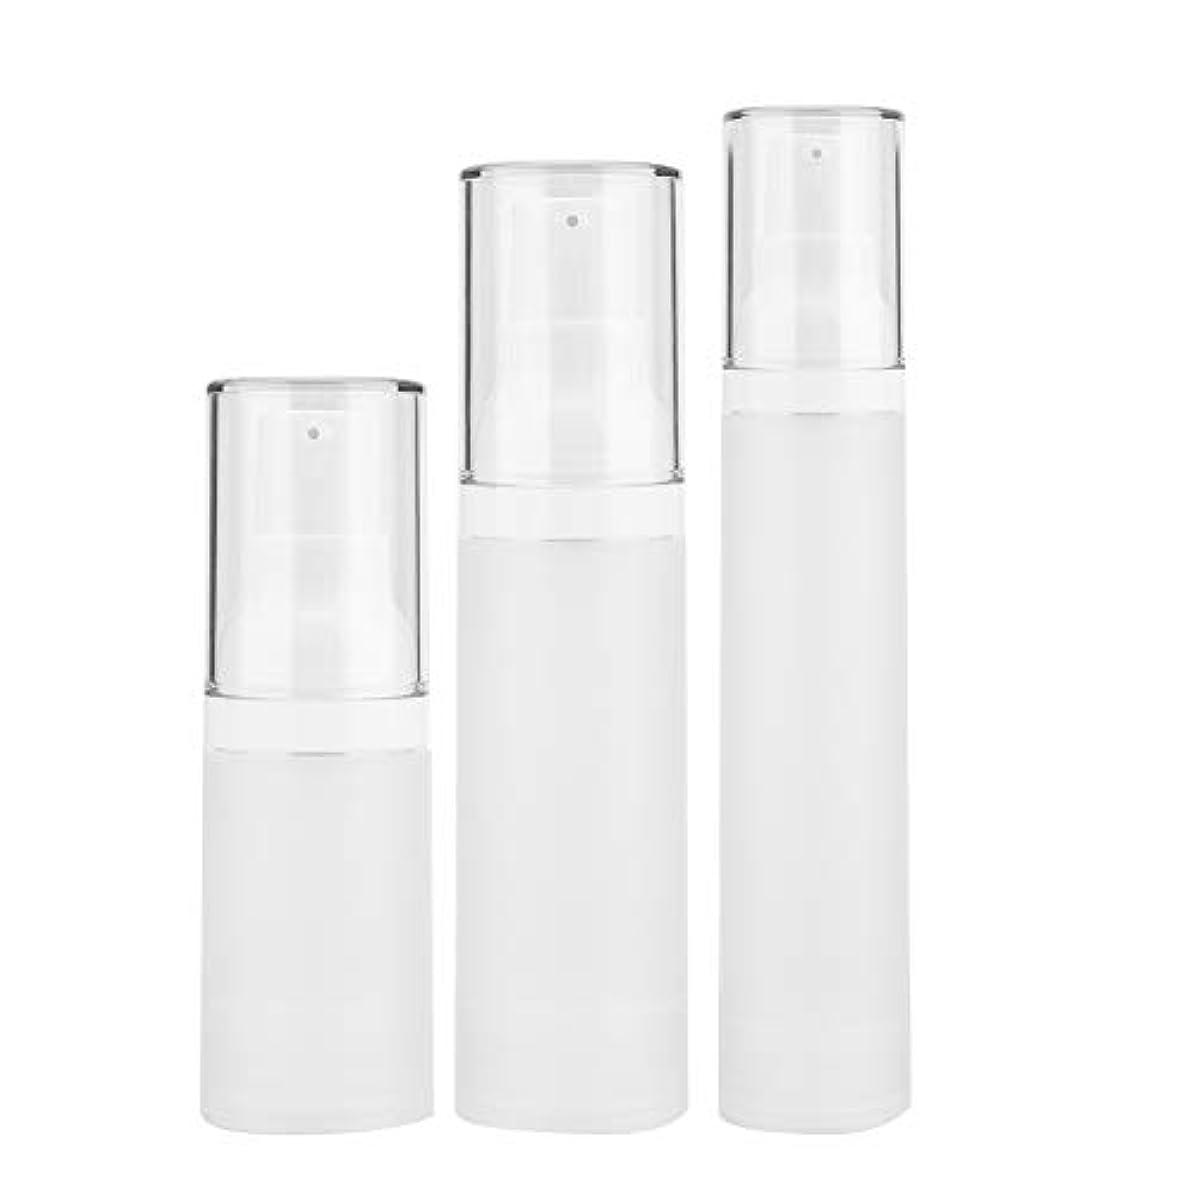 エキゾチック暗黙契約する3本入りトラベルボトルセット - 化粧品旅行用容器、化粧品容器が空の化粧品容器付きペットボトル - シャンプーとスプレー用(3 pcs)